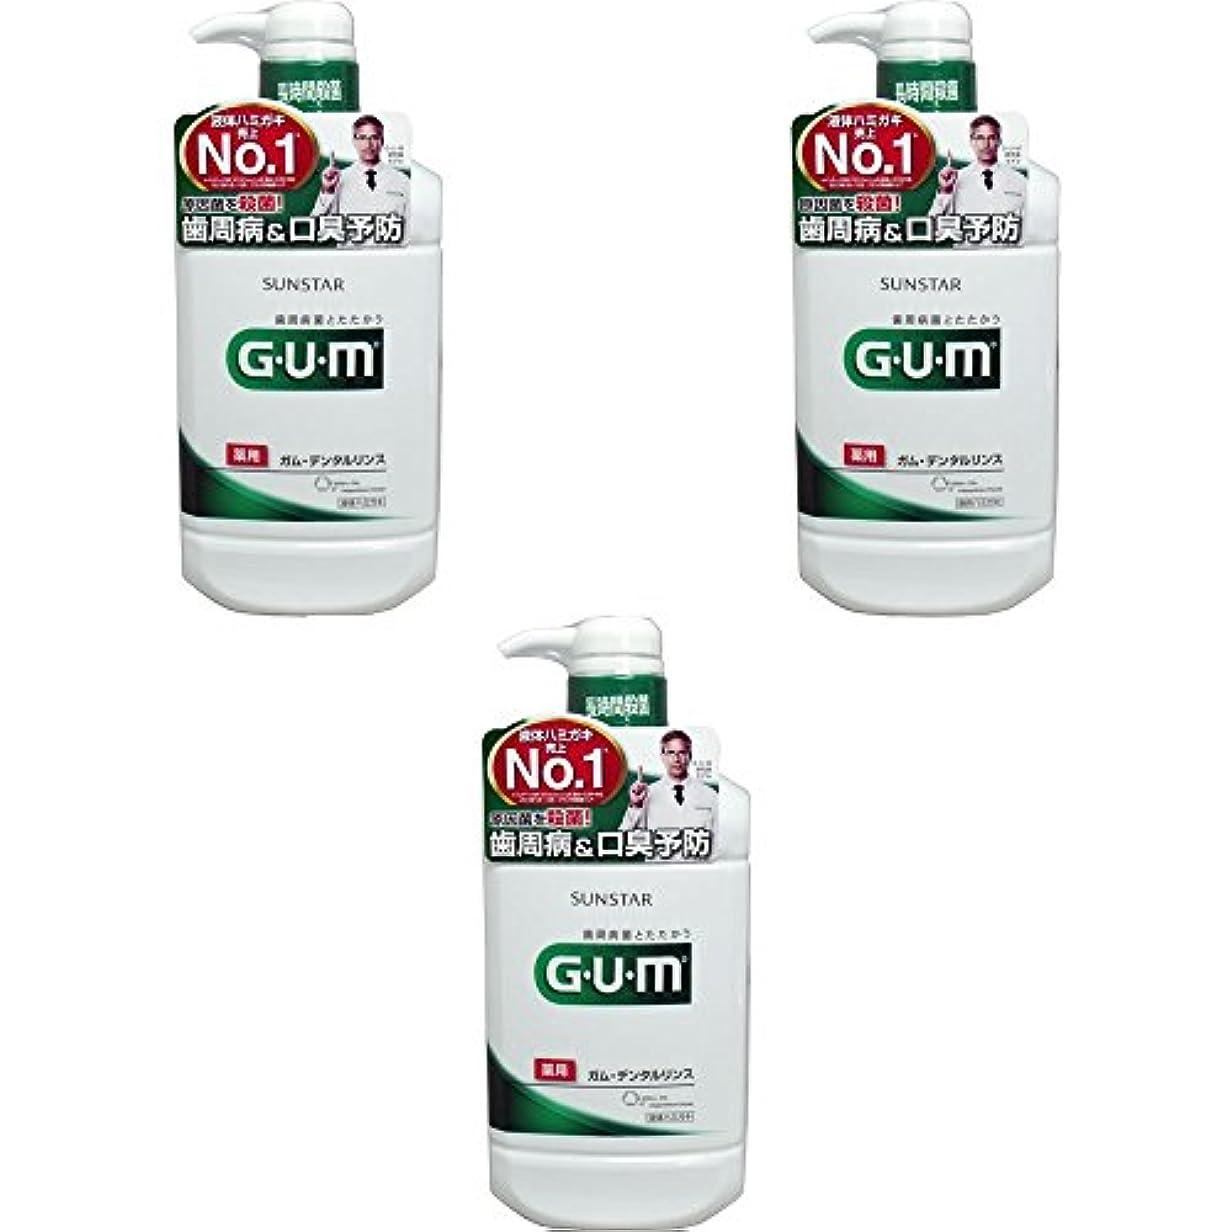 休日に里親利用可能【セット品】GUM(ガム)?デンタルリンス (レギュラータイプ) 960mL (医薬部外品) 3個